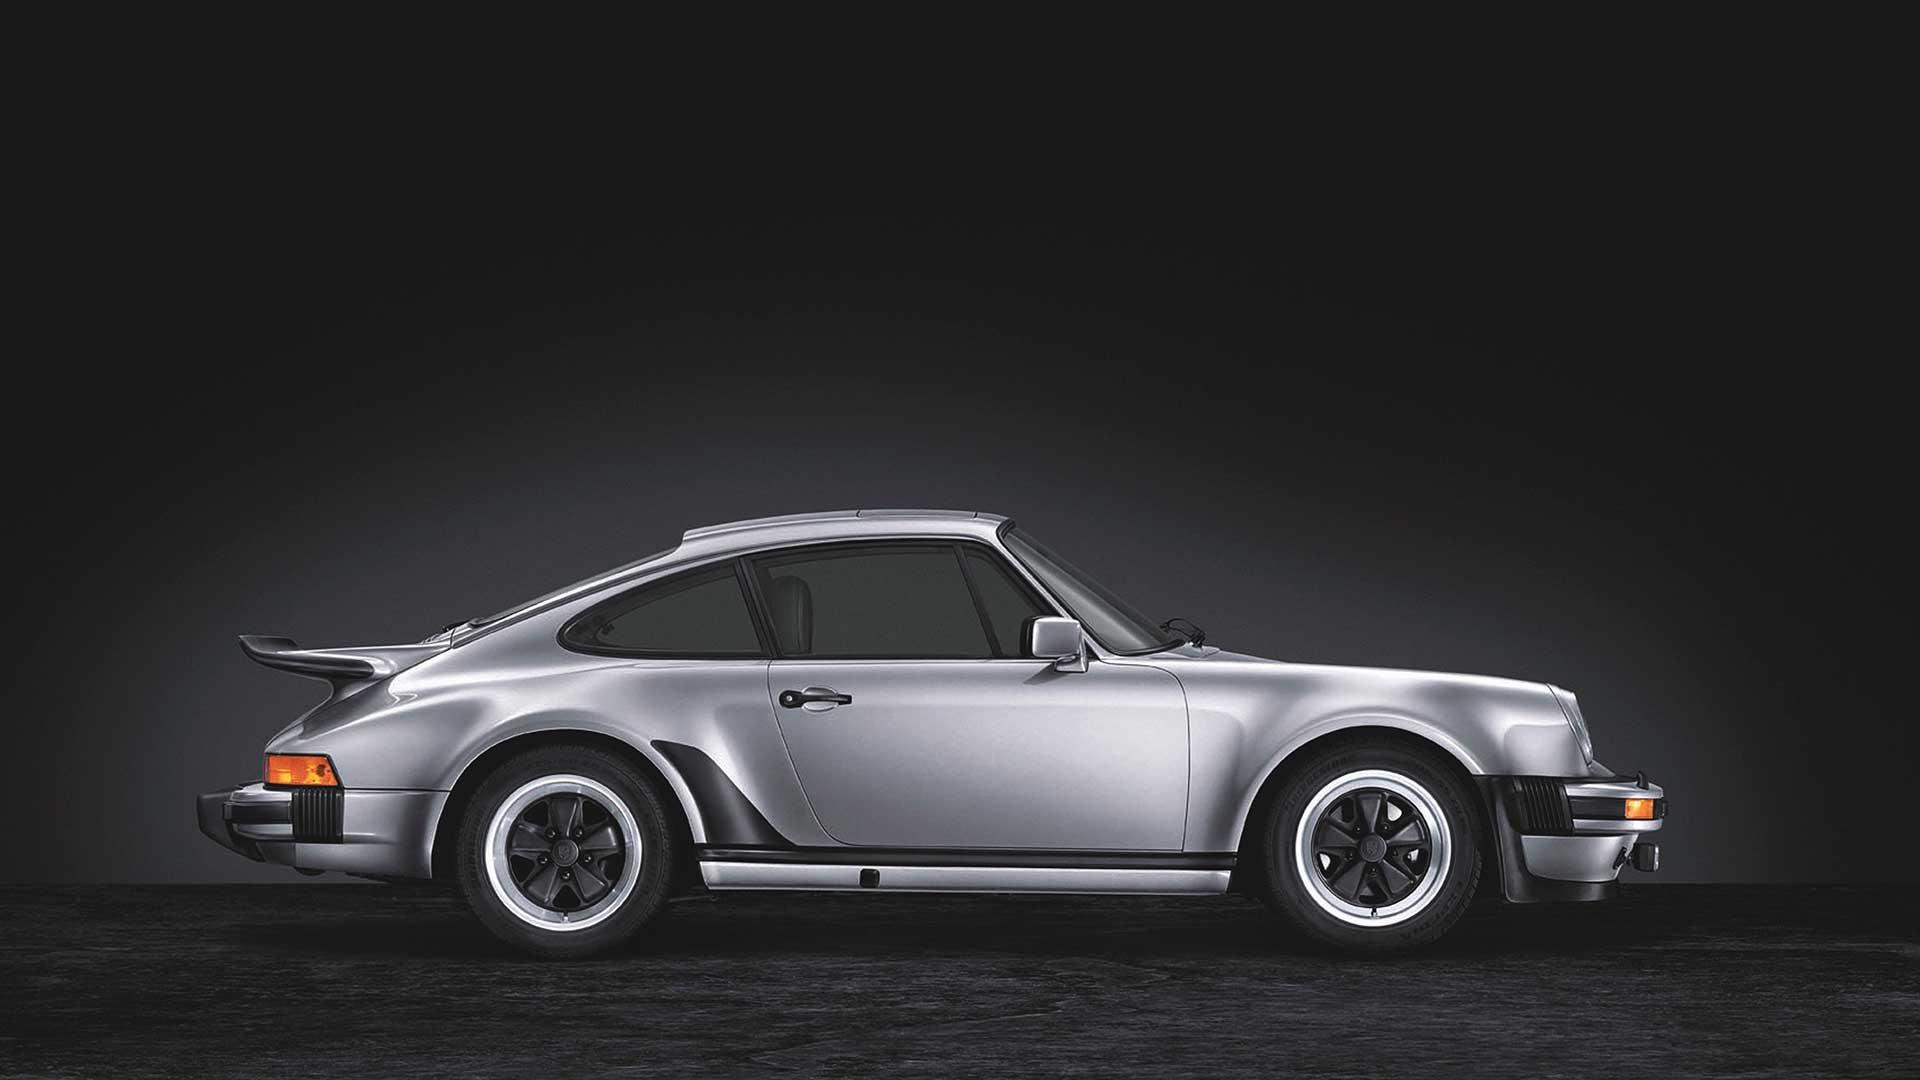 Porsche 911 Serie G: historia de uno de los 'nueveonce' más especiales